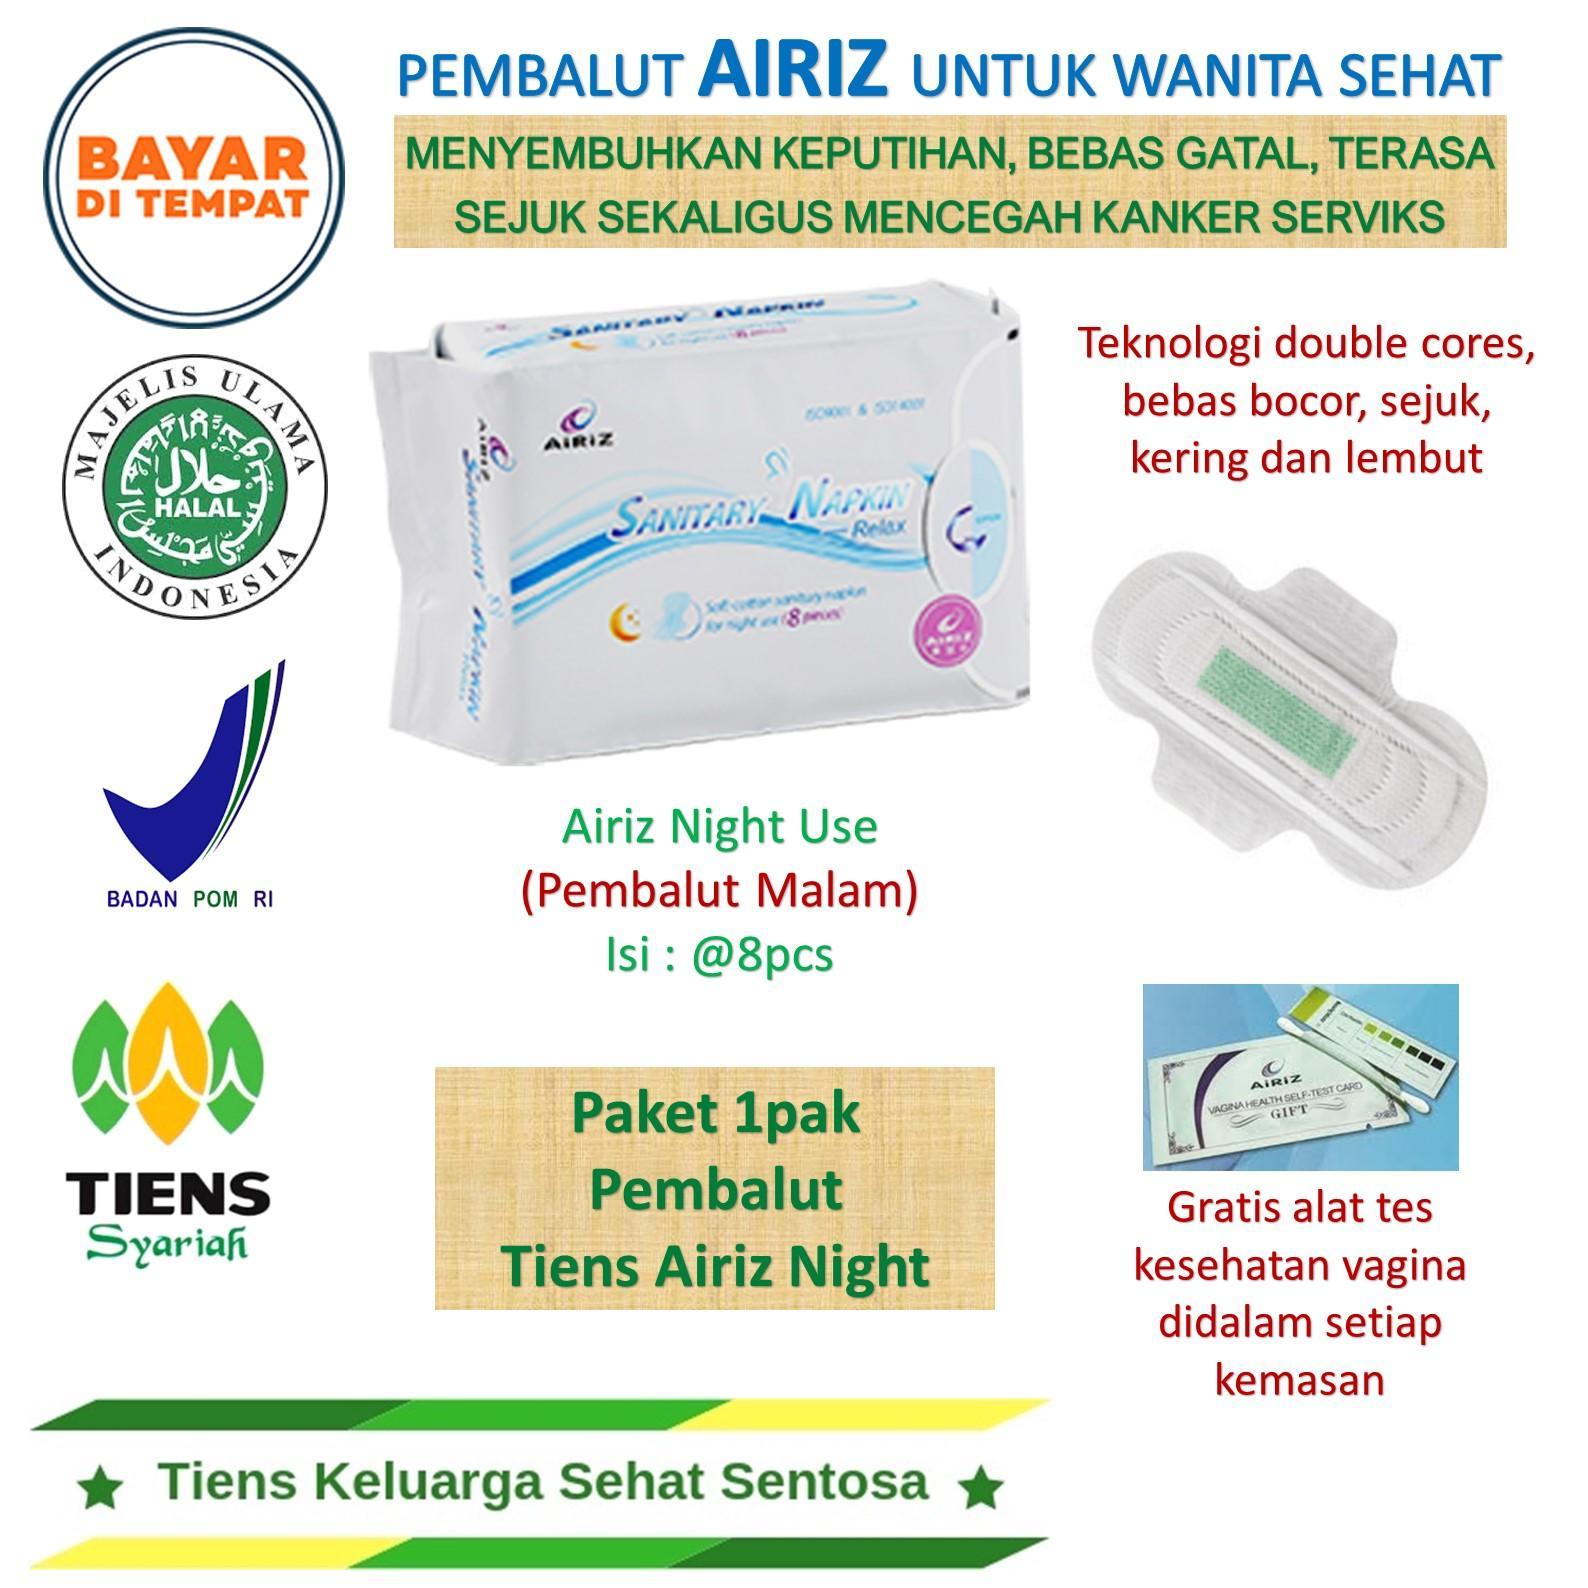 Pembalut untuk malam anti bocor dengan bahan herbal lembut bebas bahan pemutih / softex penyembuh keputihan dan bau tak sedap pada miss V / softex bahan ...